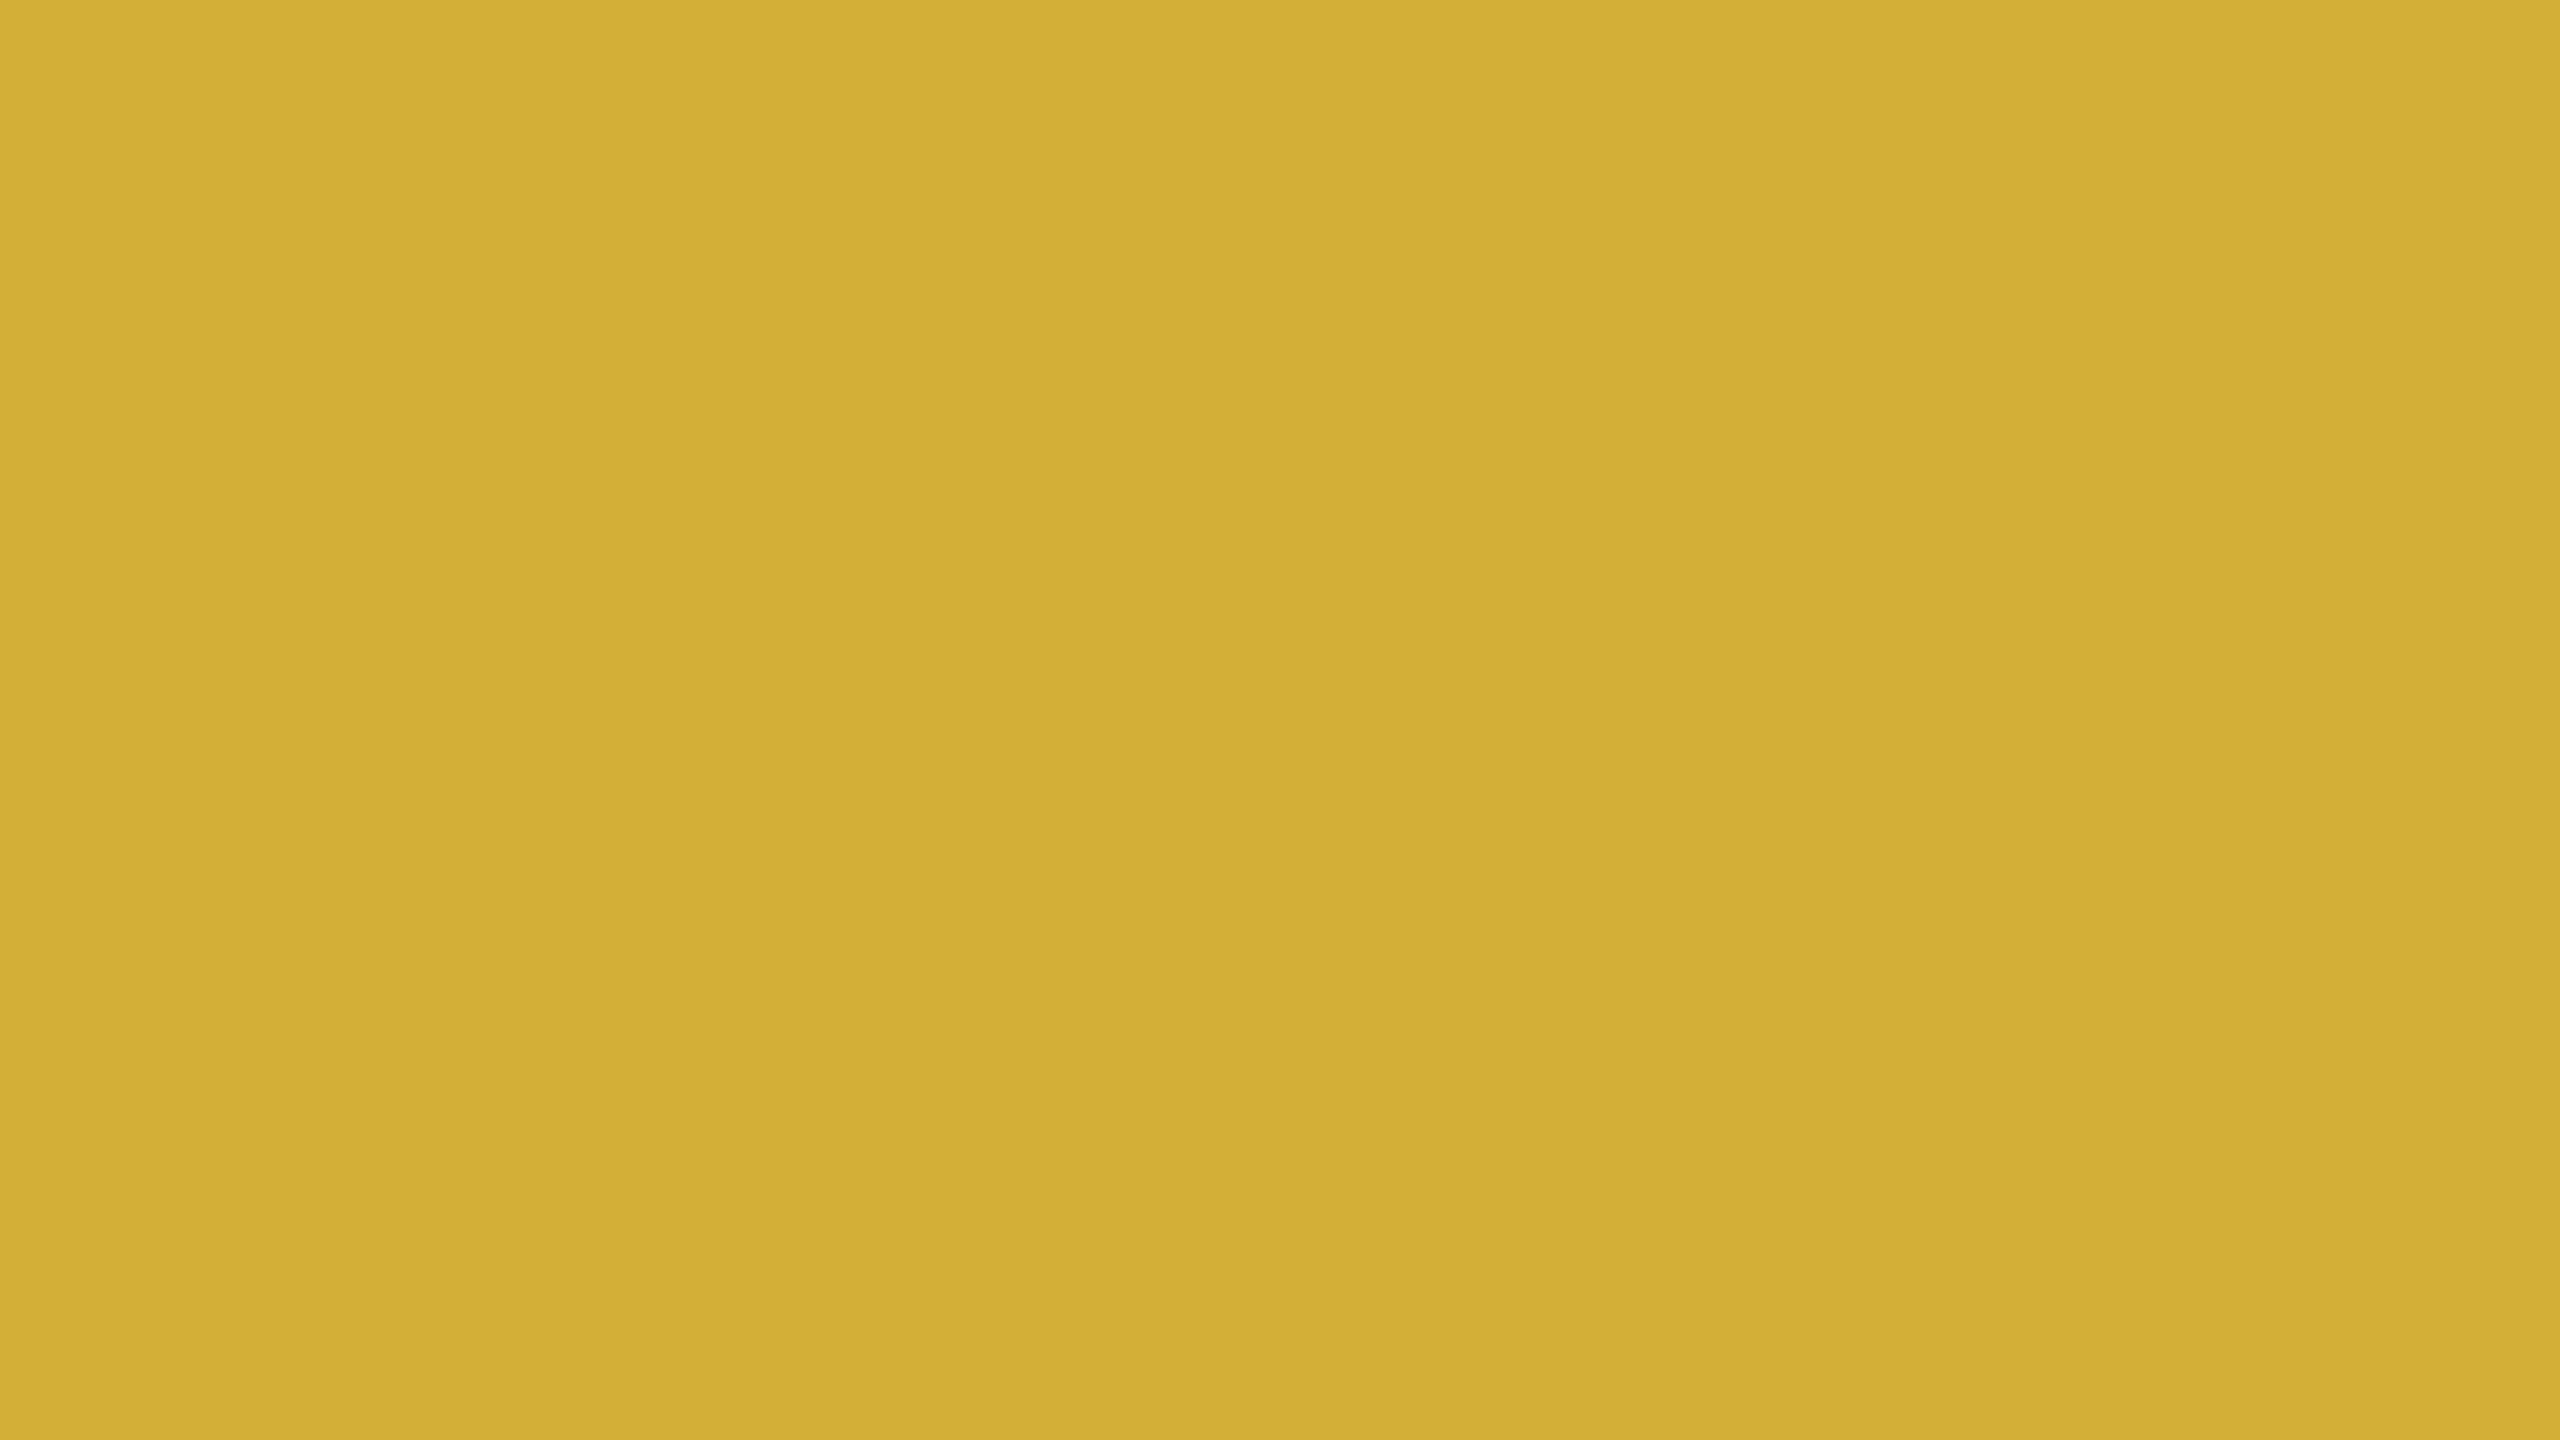 Mehndi Hd Wallpaper 1080p Gold Color Wallpapers Wallpaper Cave